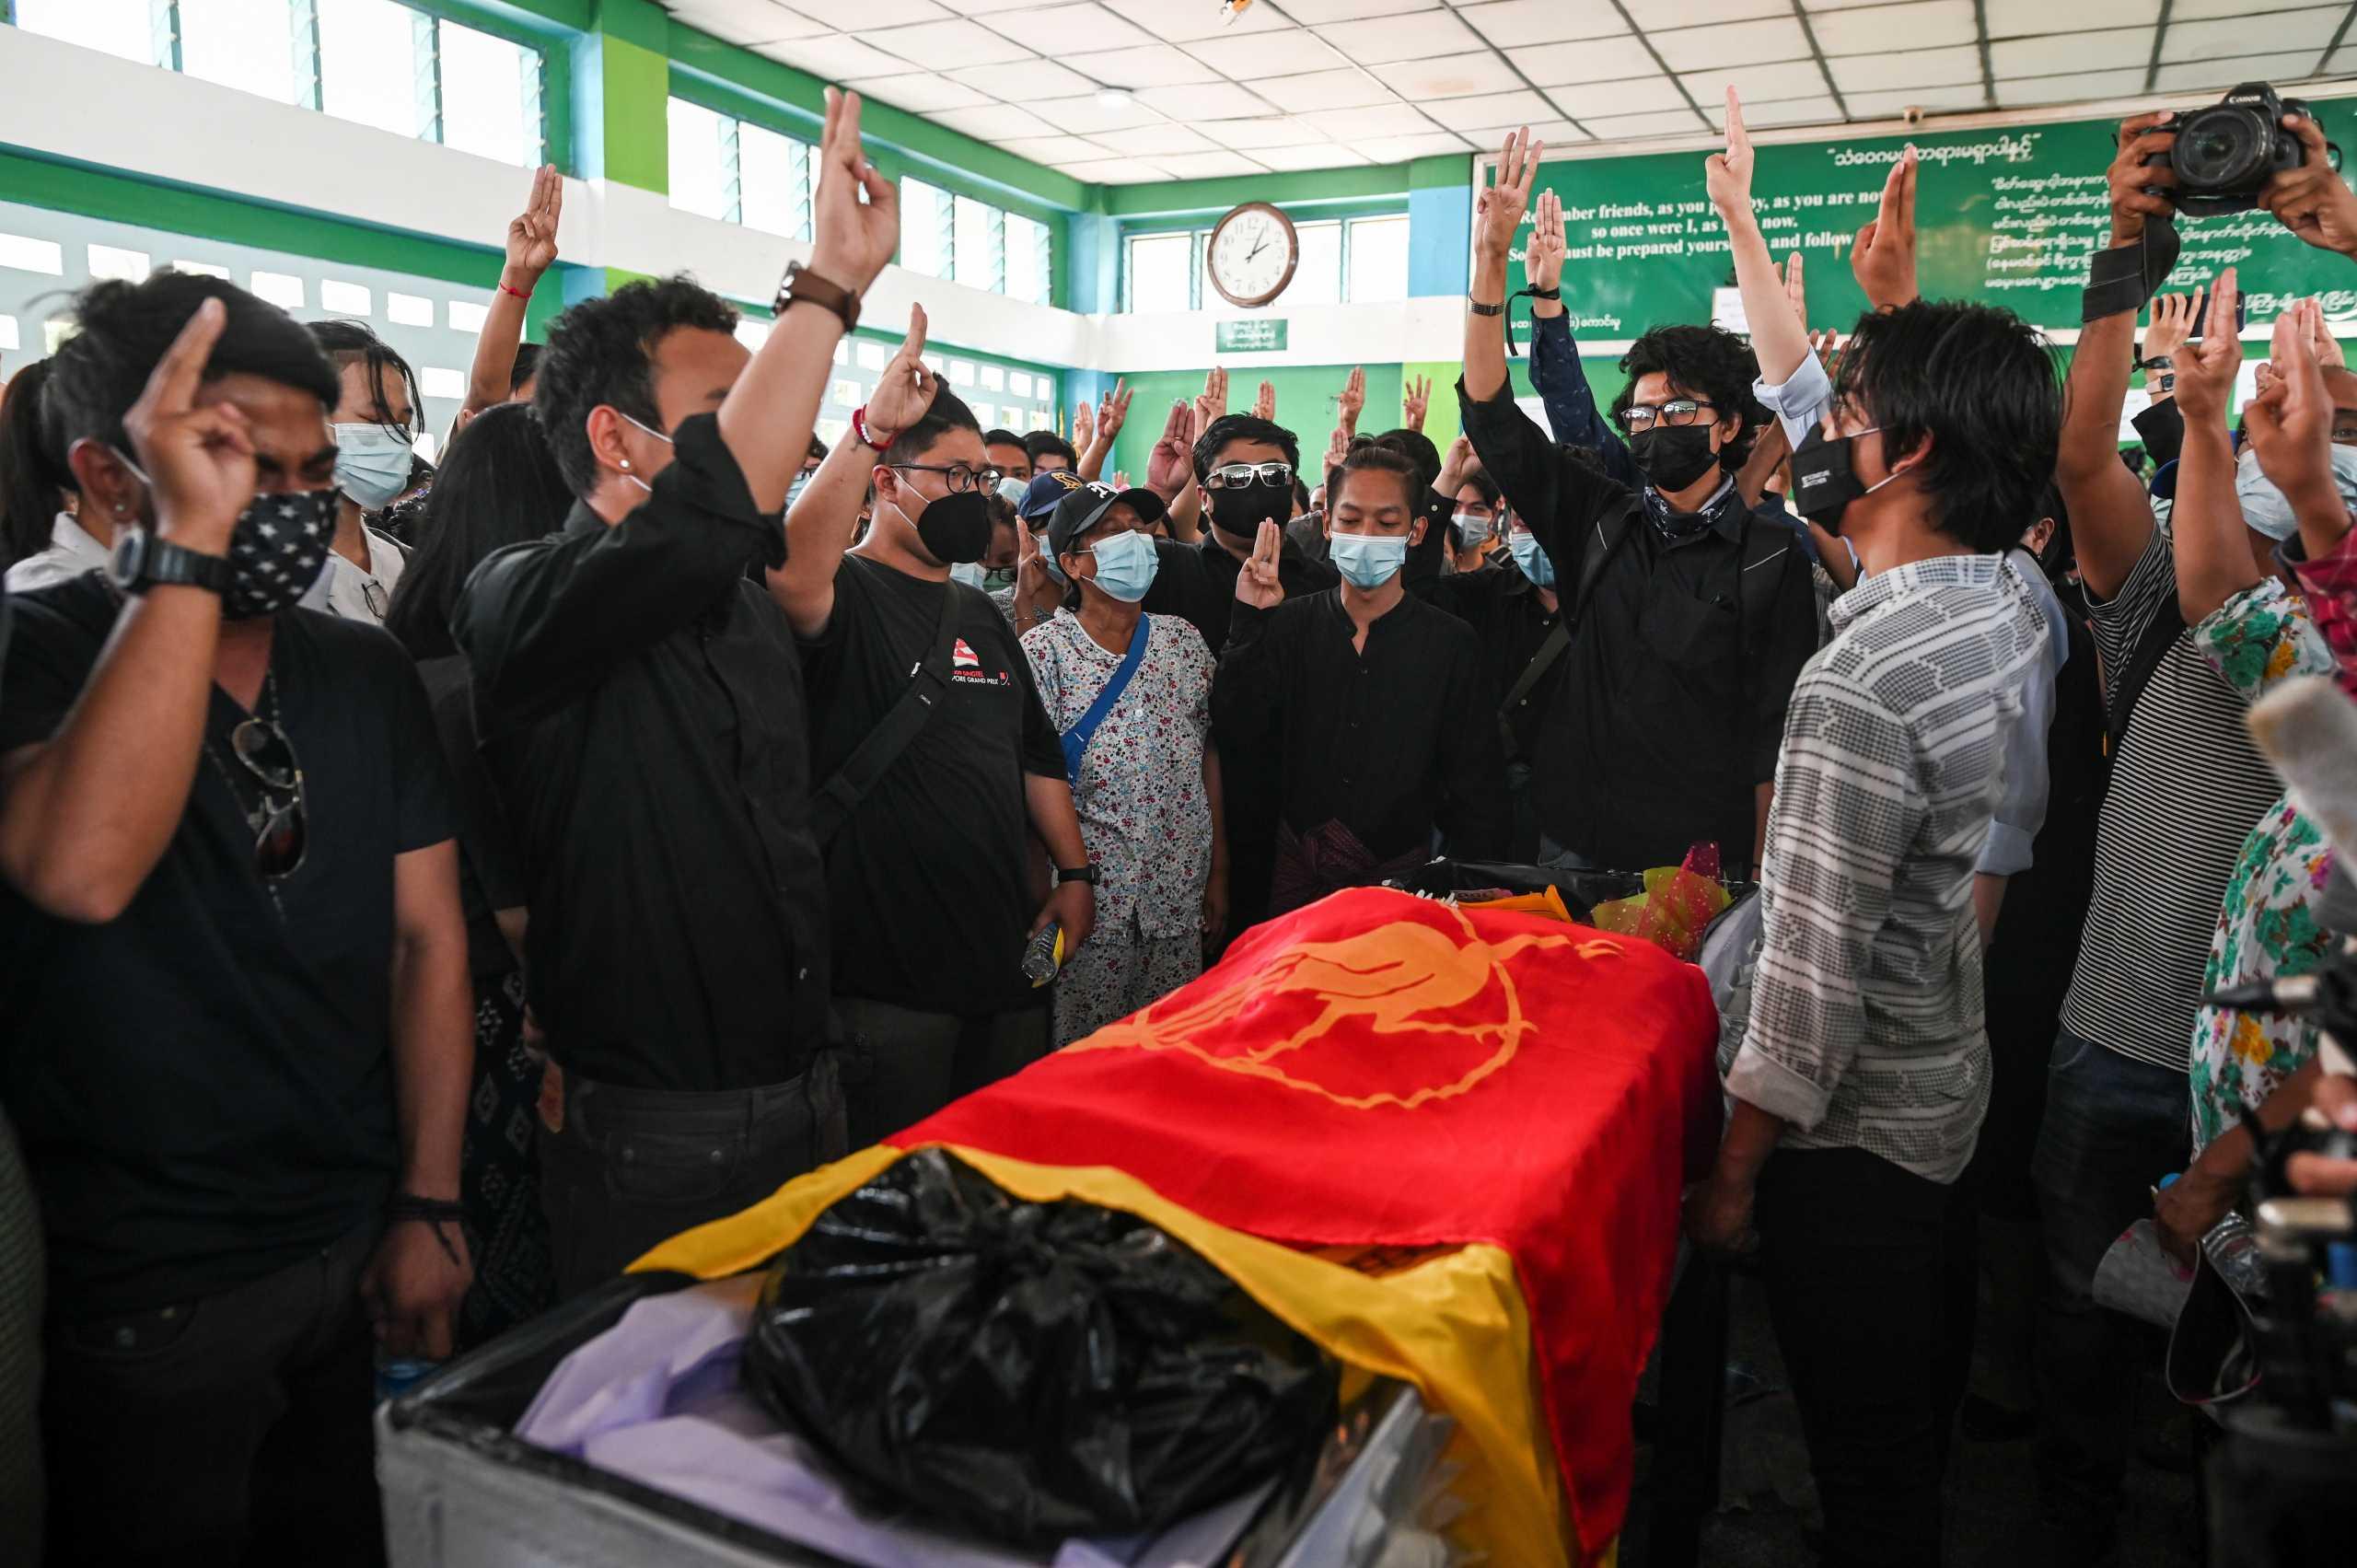 Πραξικόπημα στην Μιανμάρ: Πάνω από 149 οι νεκροί, εκατοντάδες οι αγνοούμενοι – 37 συλλήψεις δημοσιογράφων (vid)